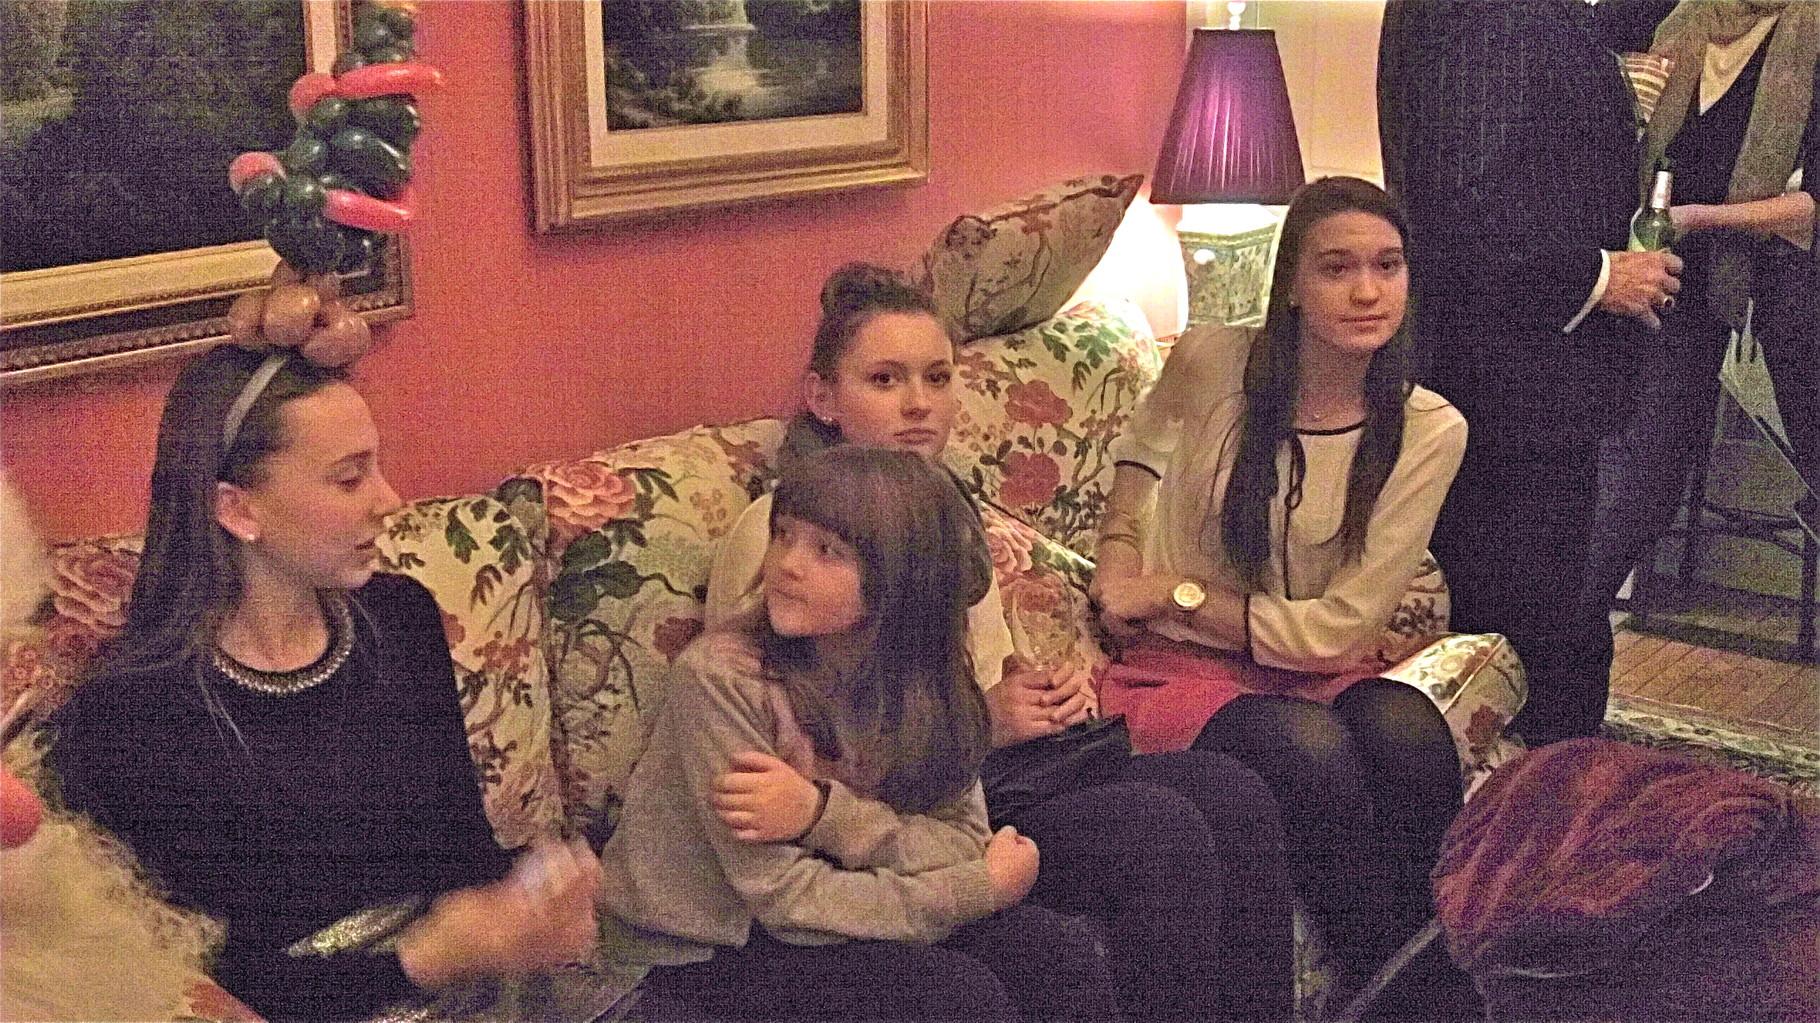 Gabby, Molly (Liz Cherot's daughter), Molly's babysitter & Ellie K.